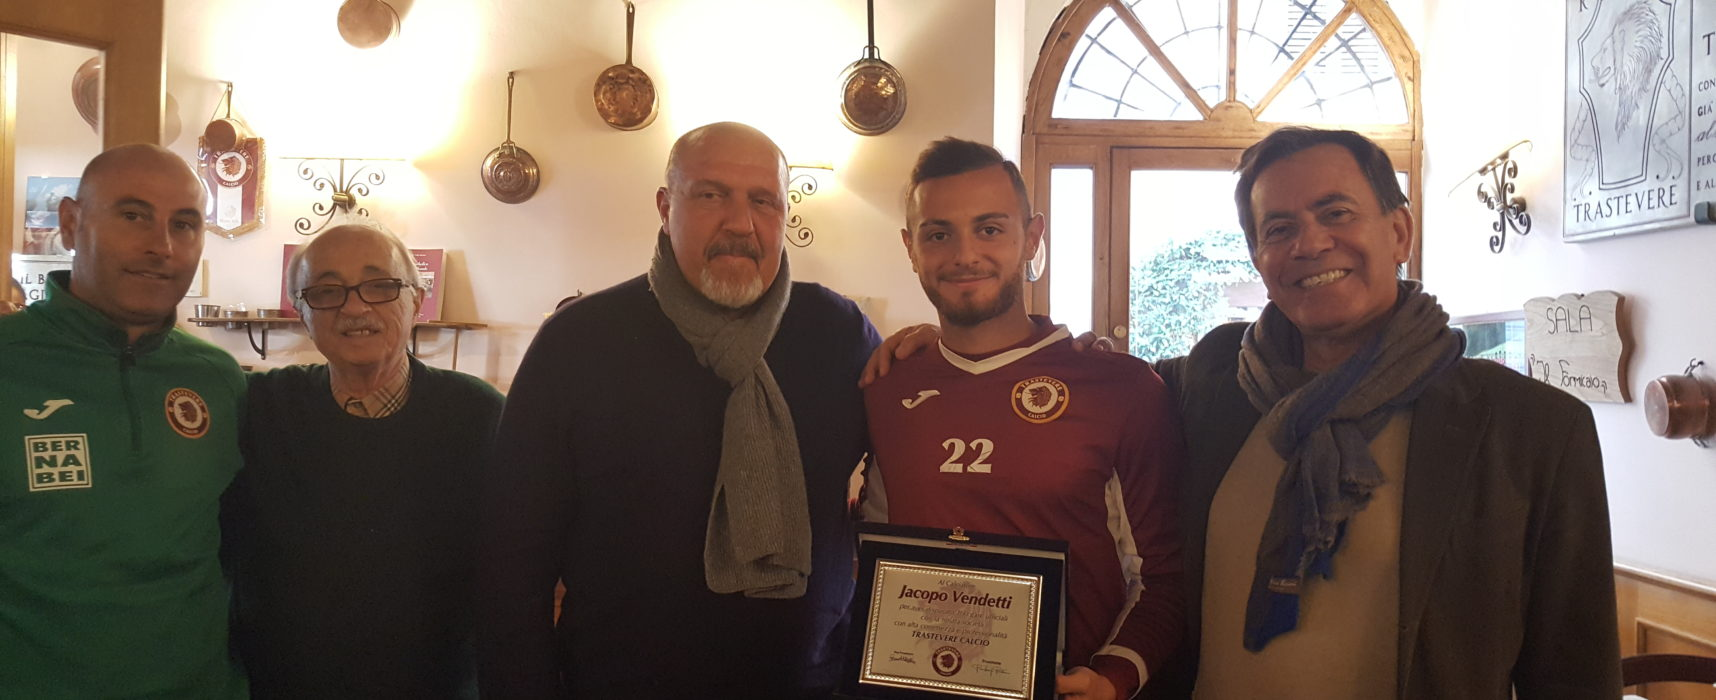 Jacopo Vendetti, 100 presenze con la maglia del Trastevere